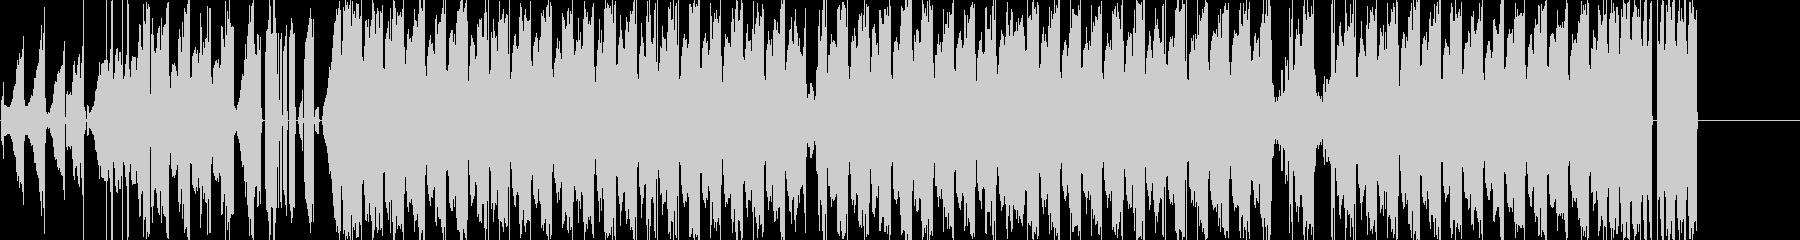 グリッチの効いたハウス系サウンドの未再生の波形